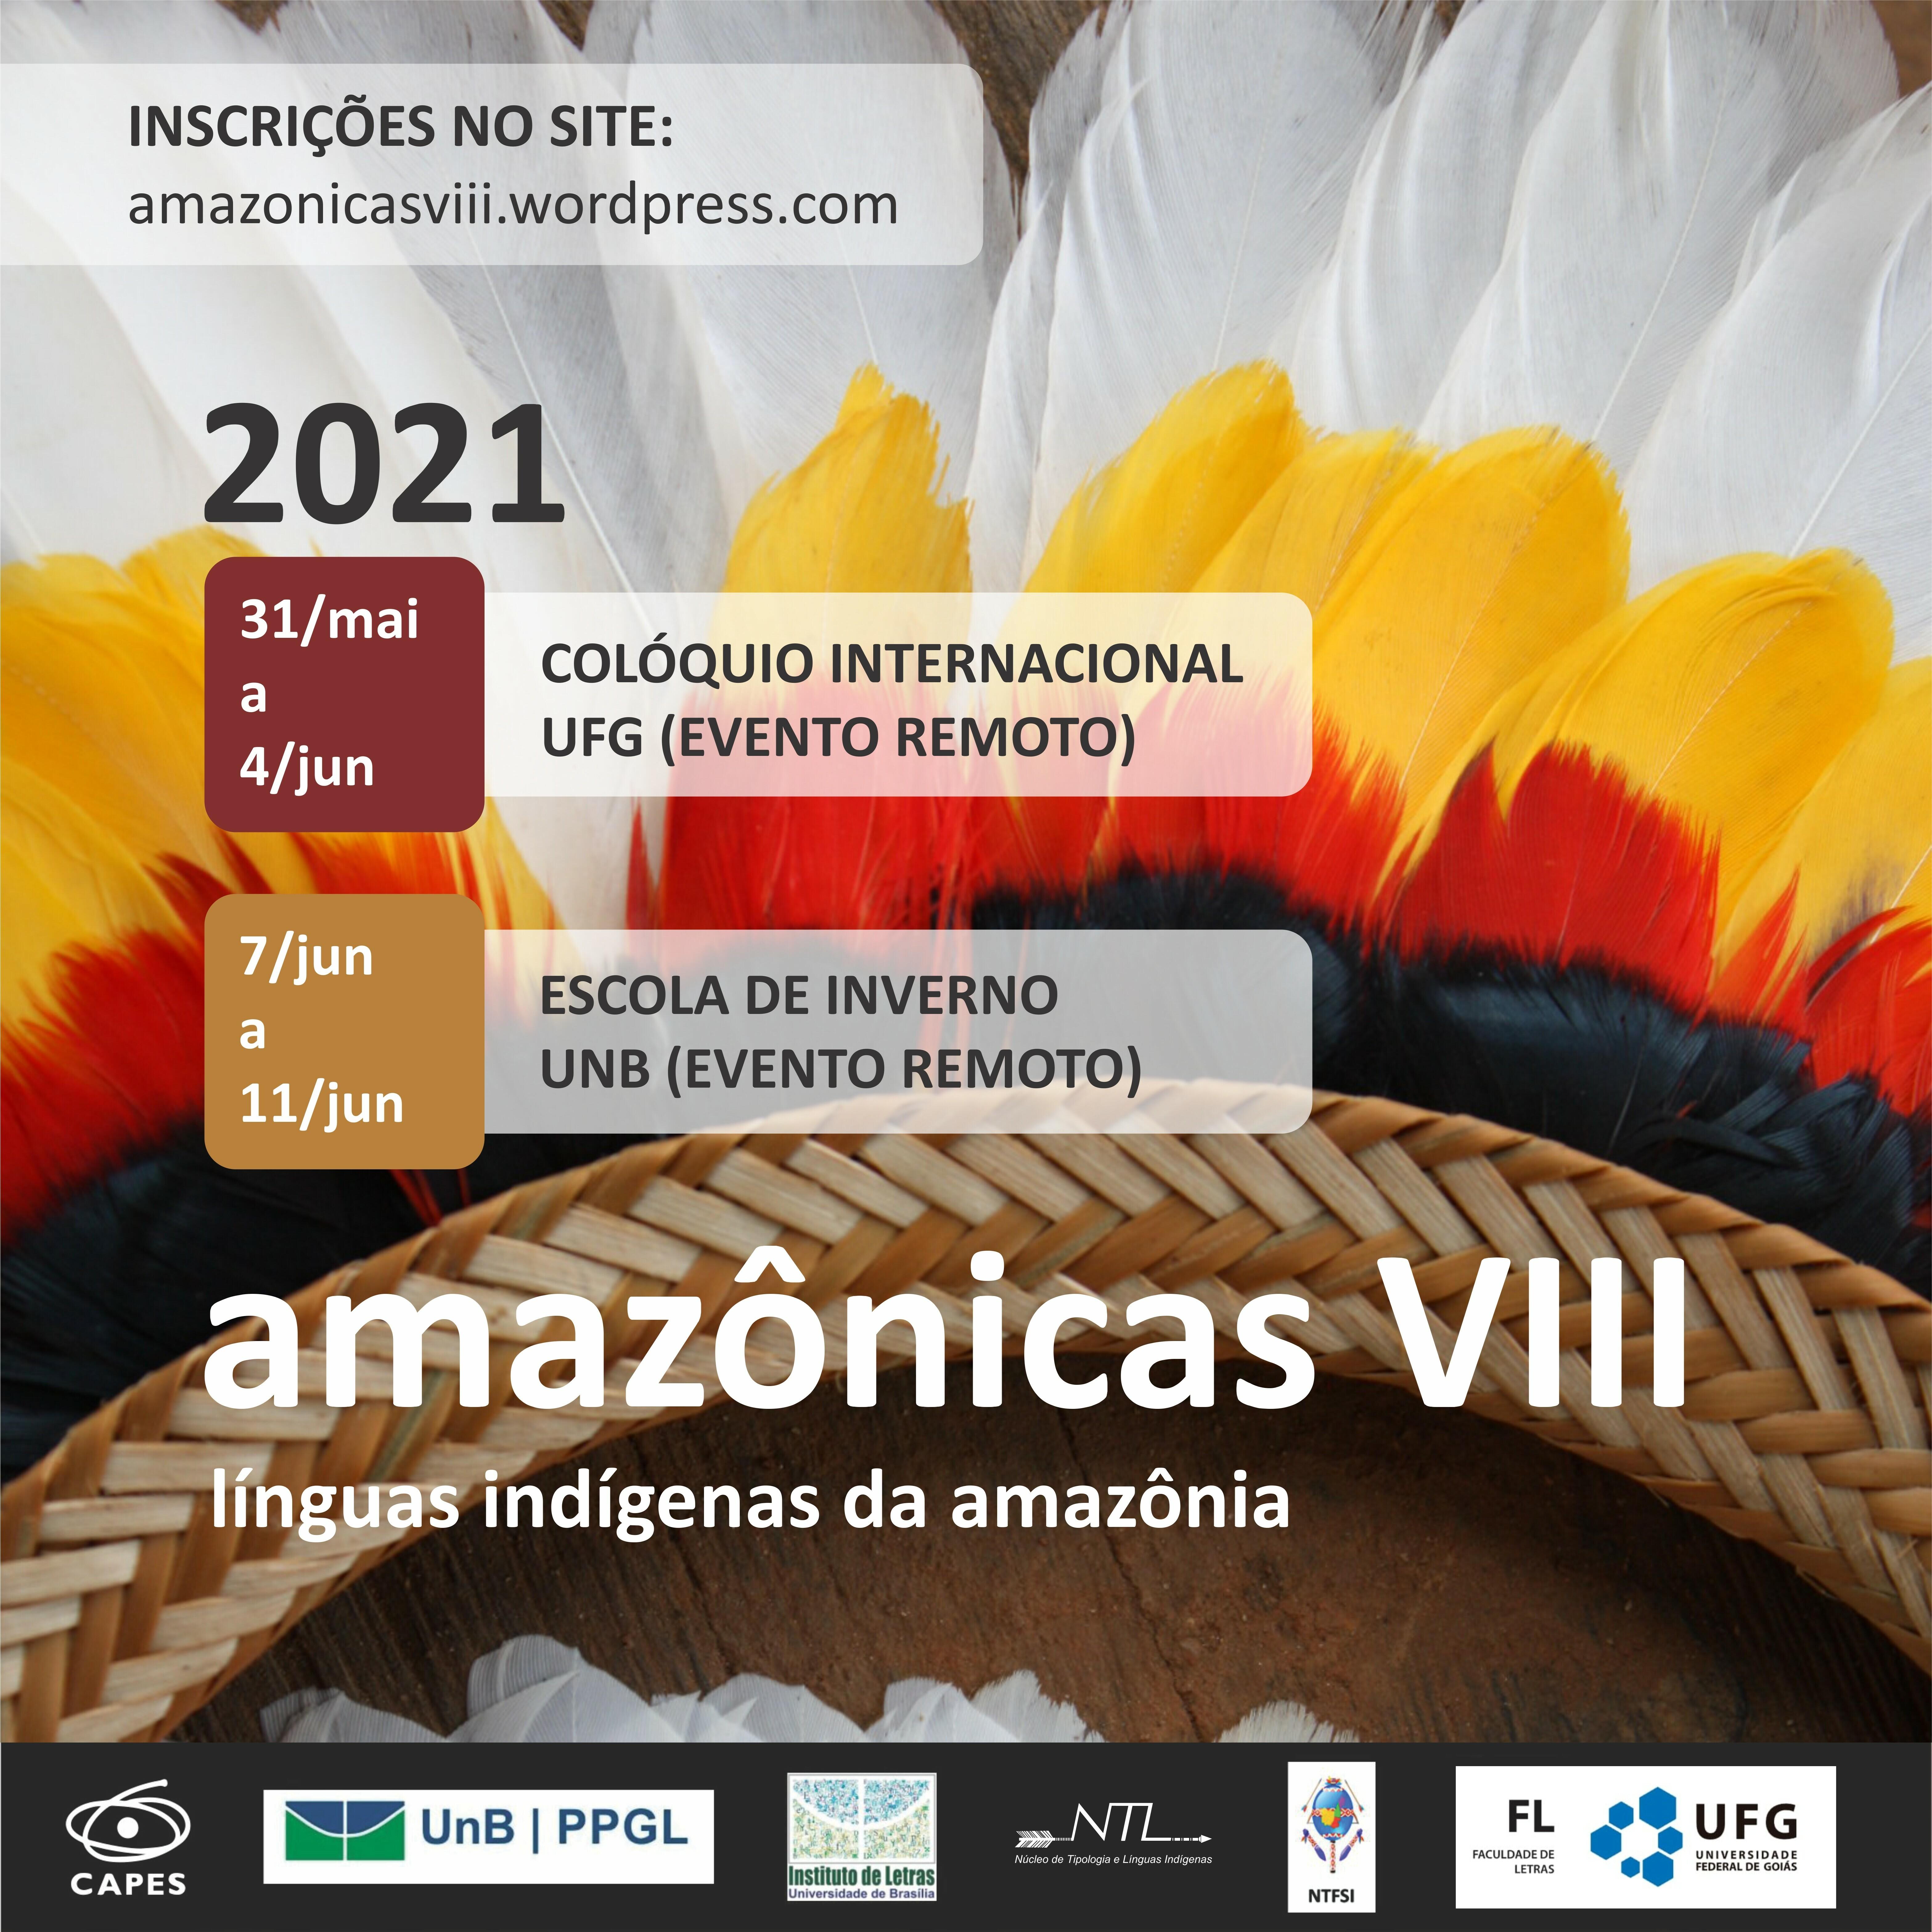 amazonicas vii